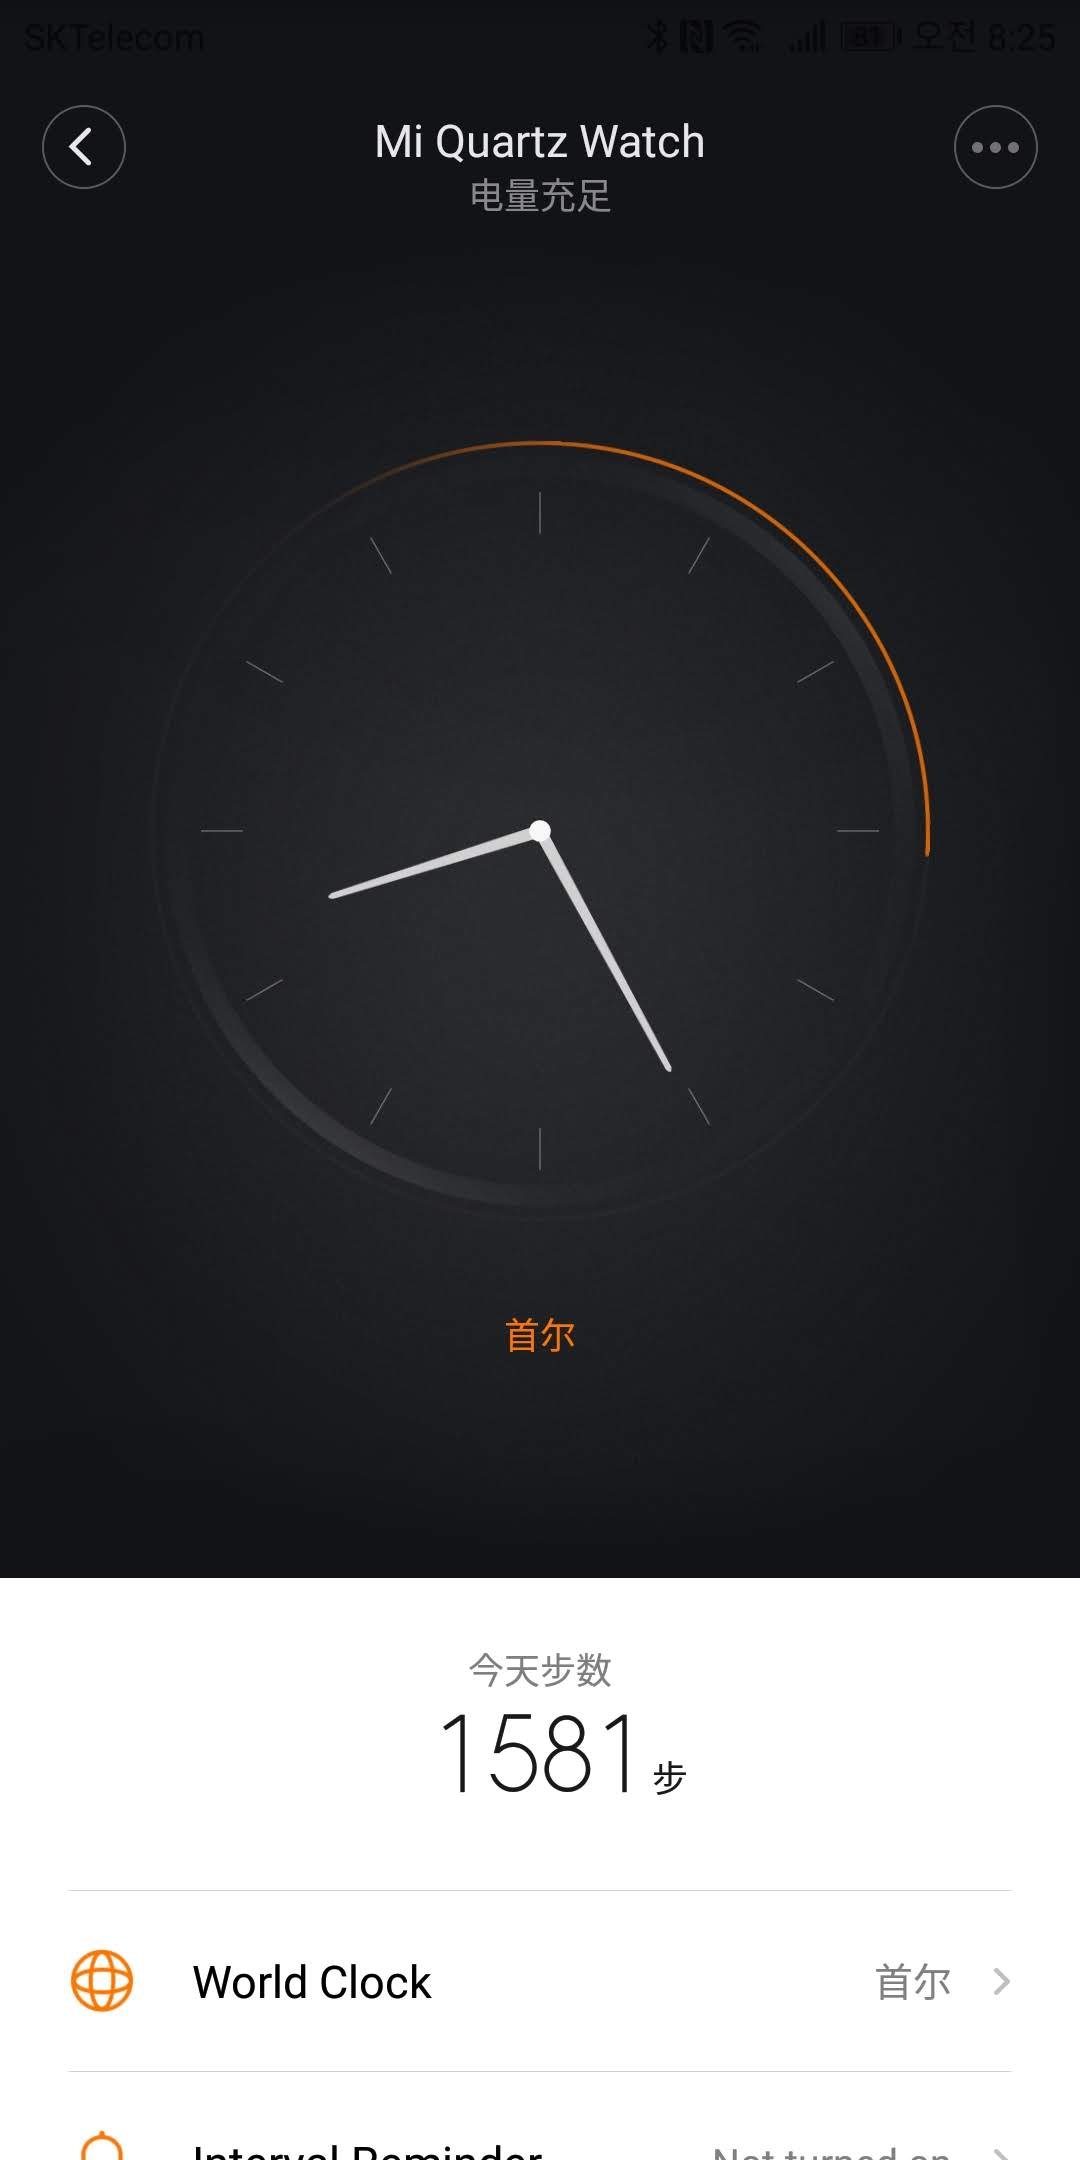 미 쿼츠 시간 & 걸음